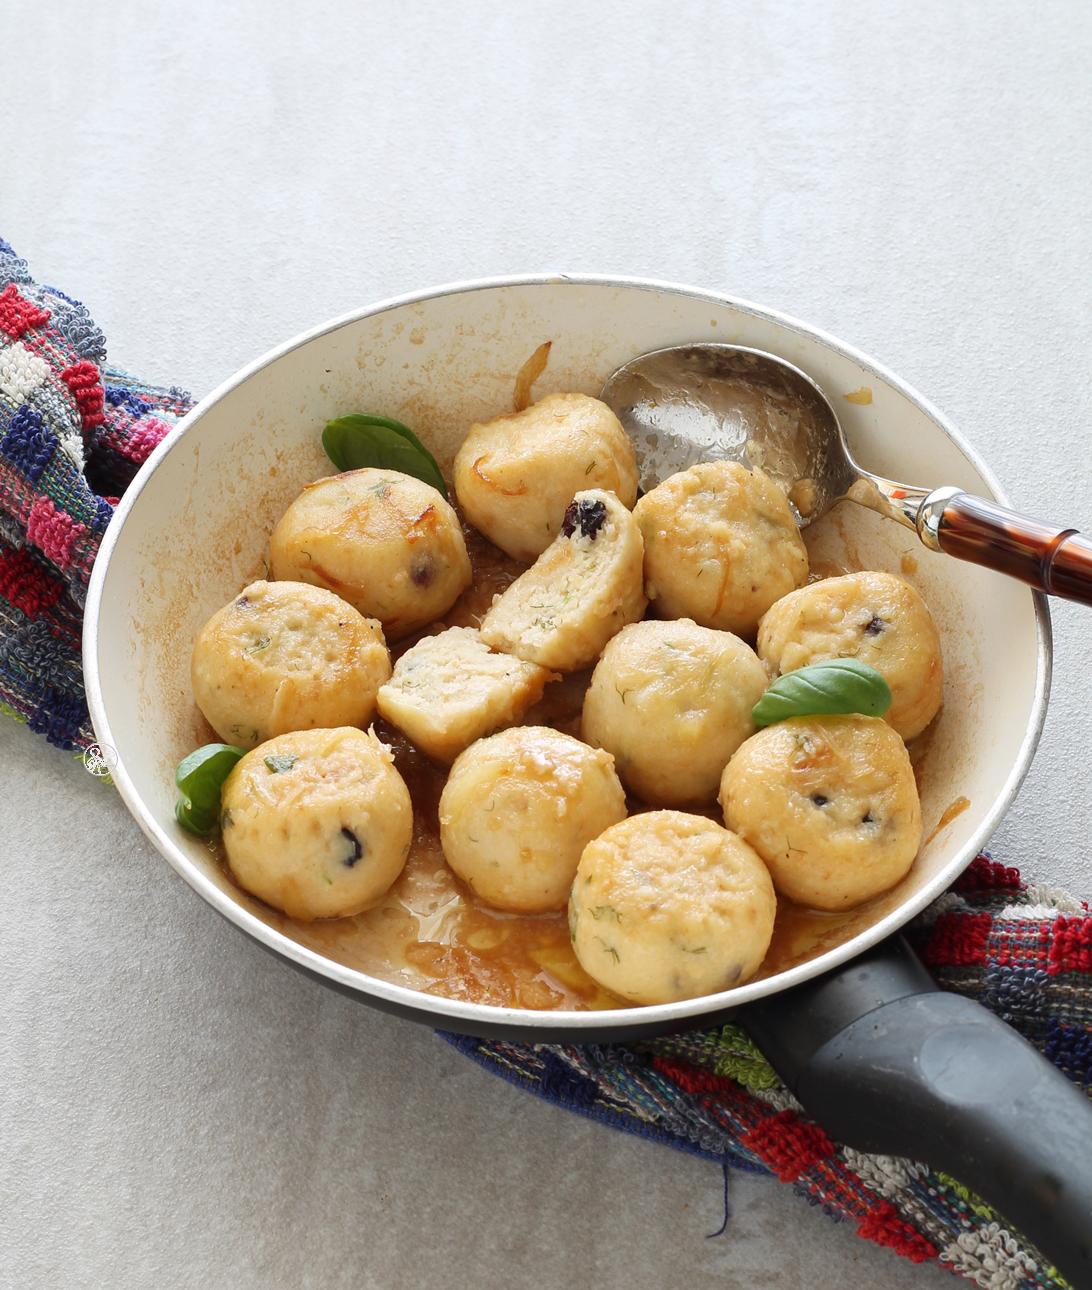 Boulettes de pain rassis au vin Marsala sans gluten - La Cassata Celiaca